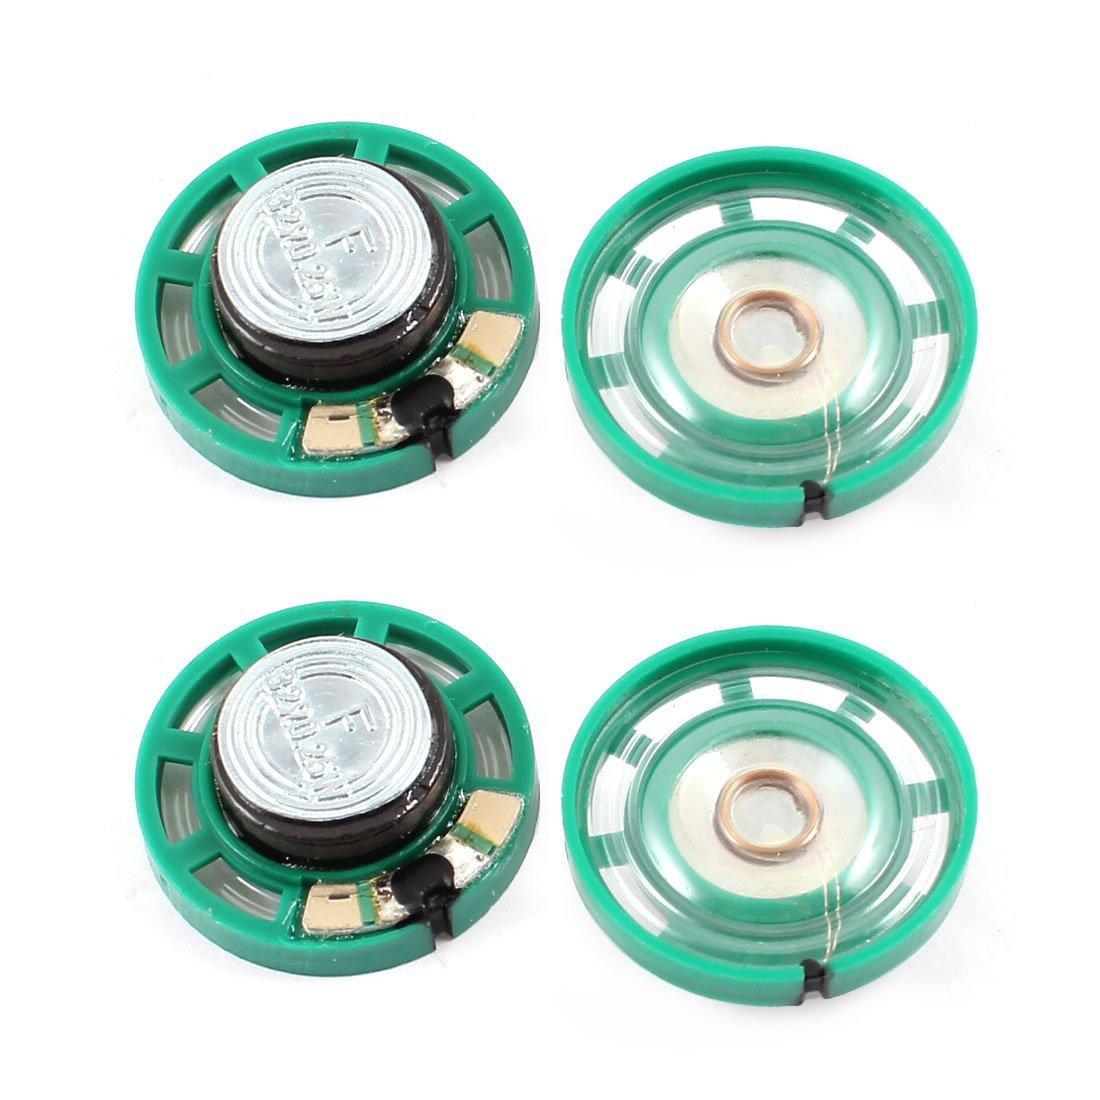 Altavoz magnético 4 de plástico de 0,25 W, 32 Ohm, con diámetro de 27mm, verde y plateado